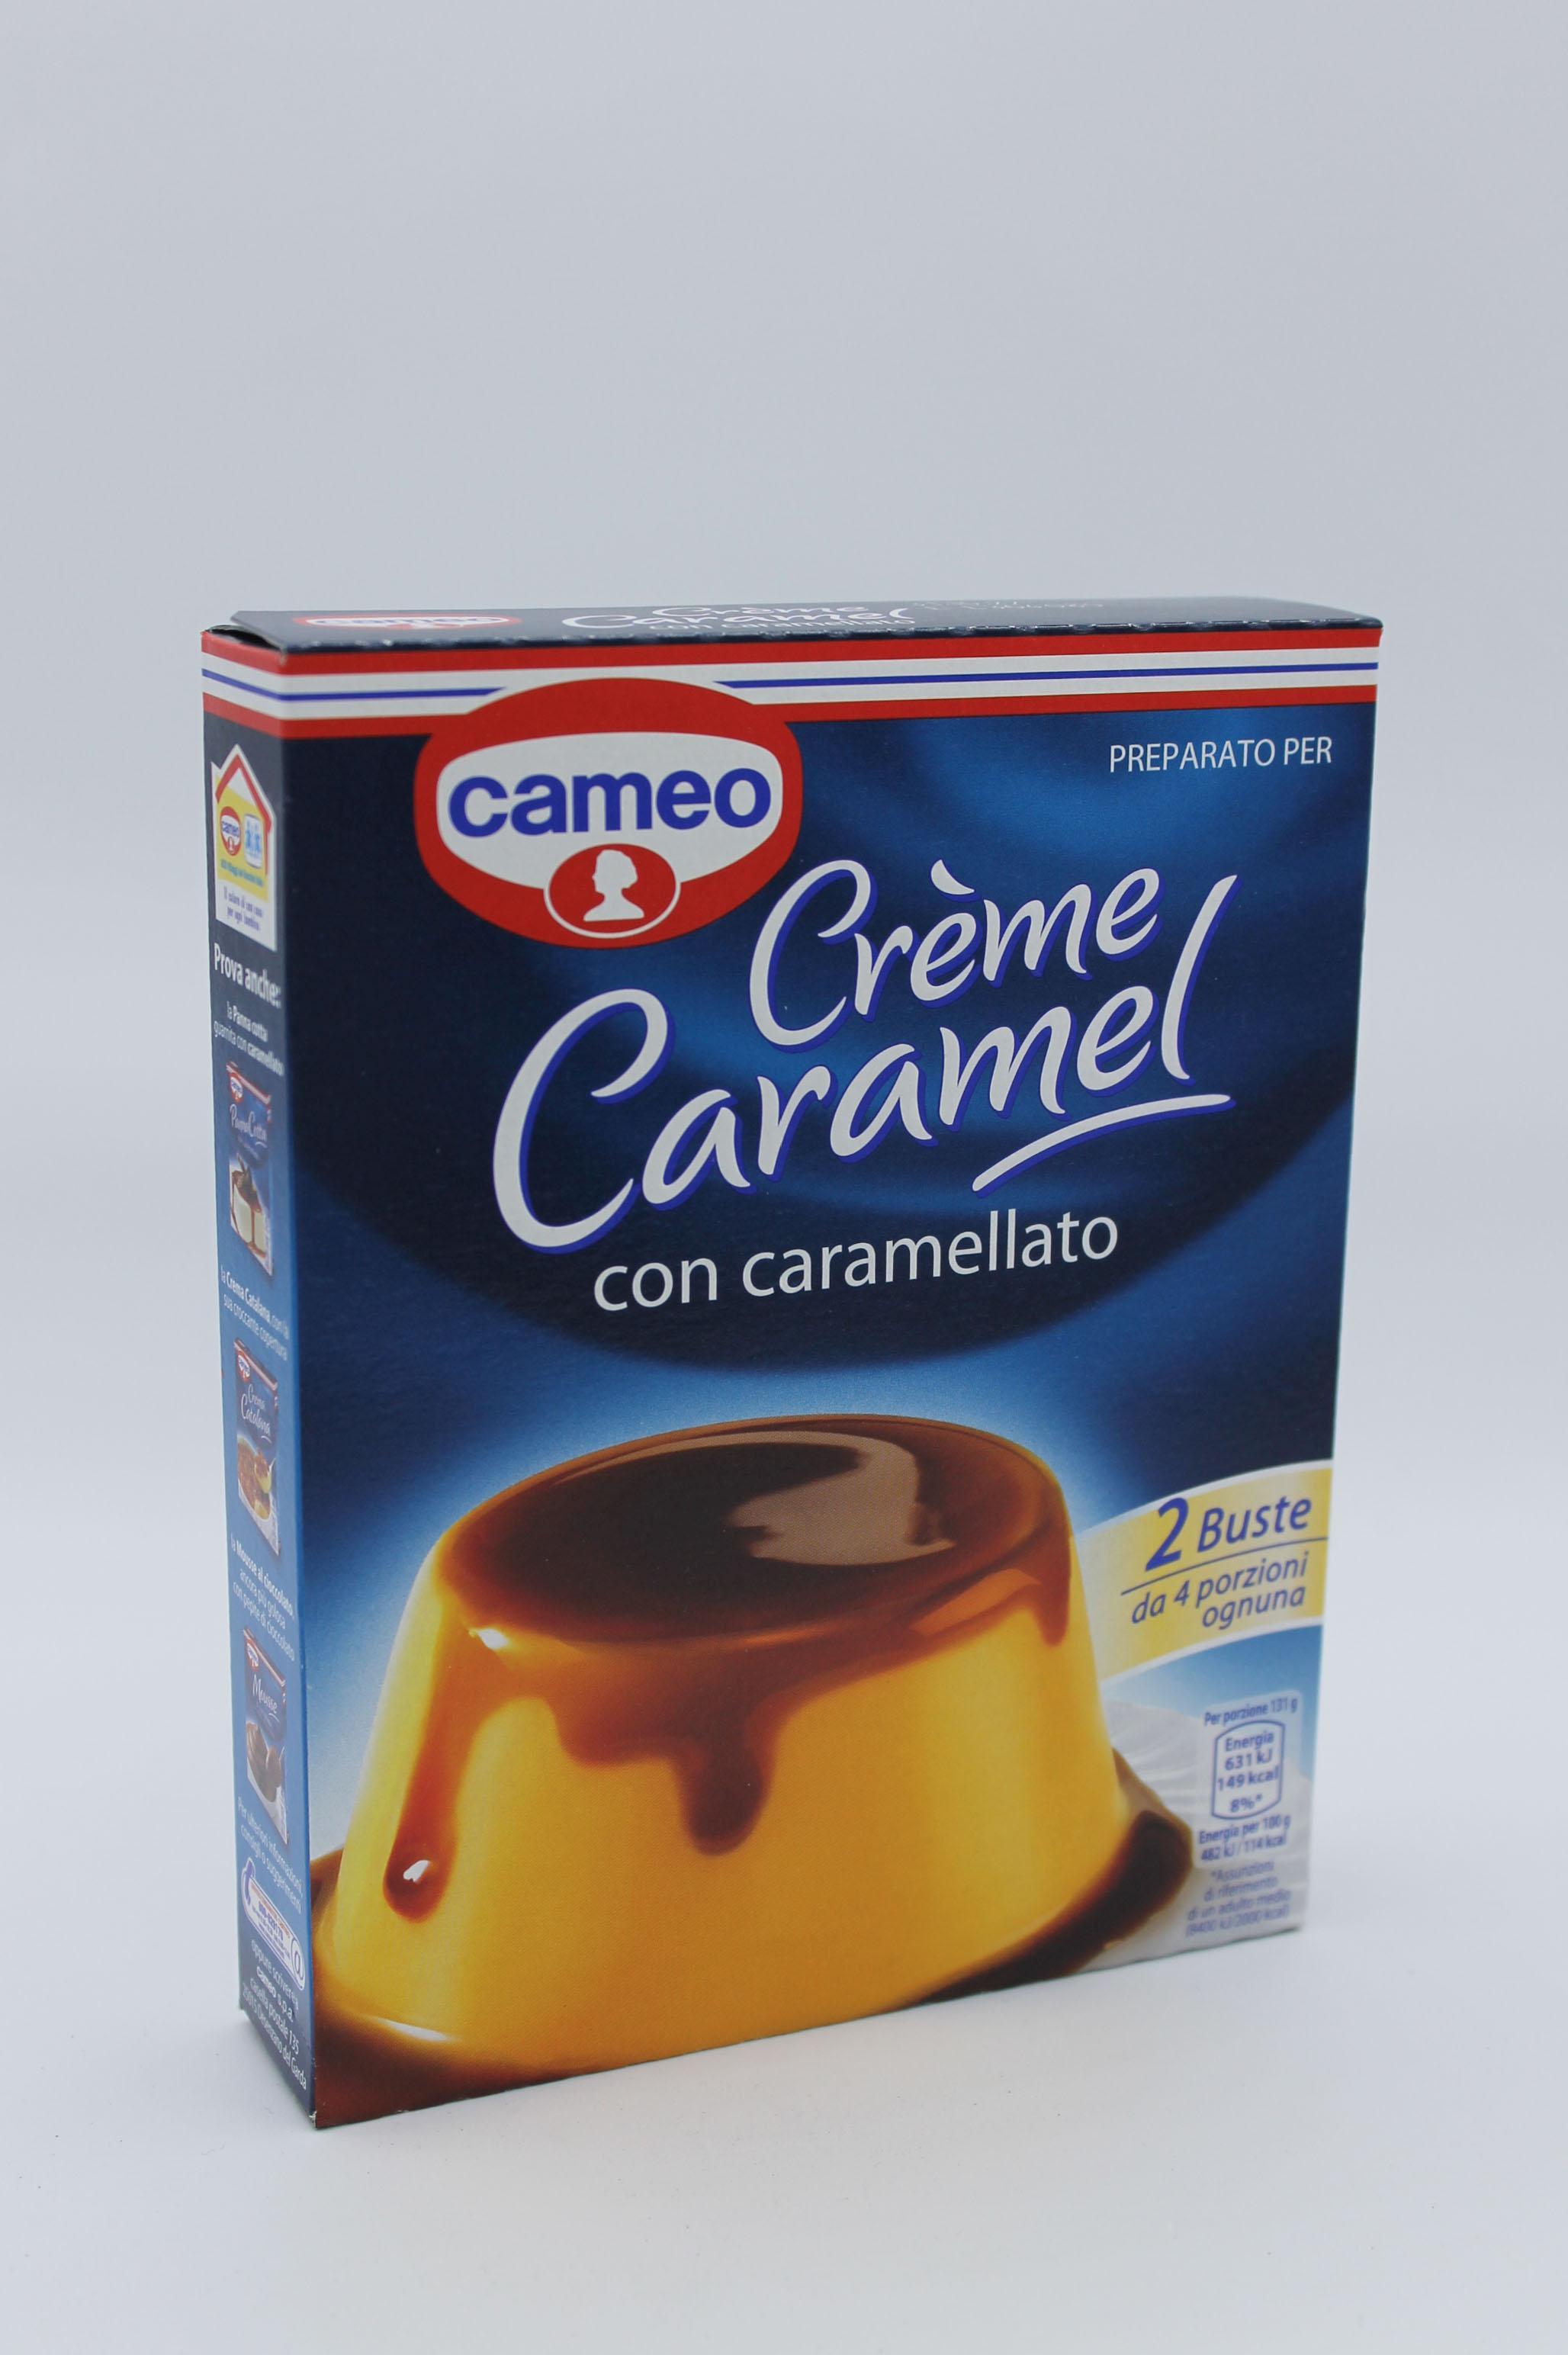 Creme caramel cameo